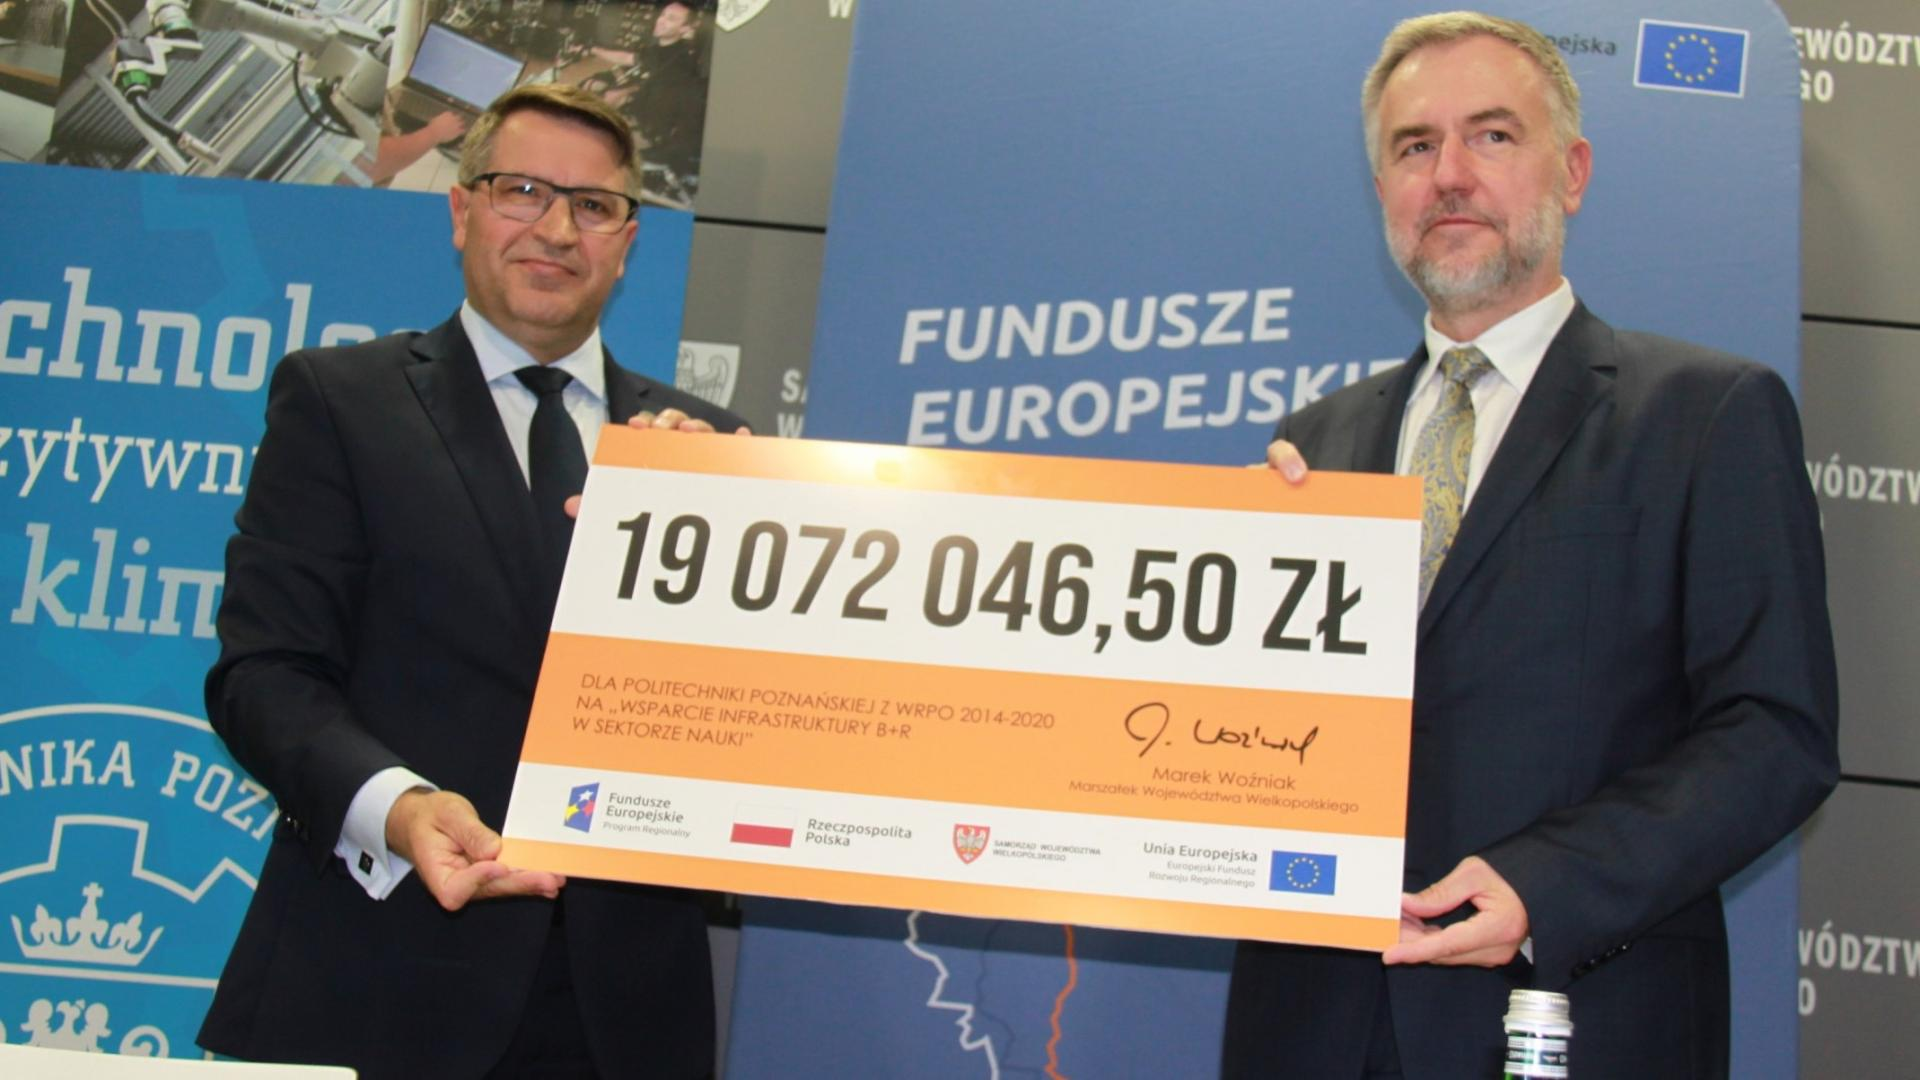 Unijne 19 milionów złotych od Marszałka z WRPO 2014+ dla Politechniki Poznańskiej na projekty sięgające kosmosu - zobacz więcej